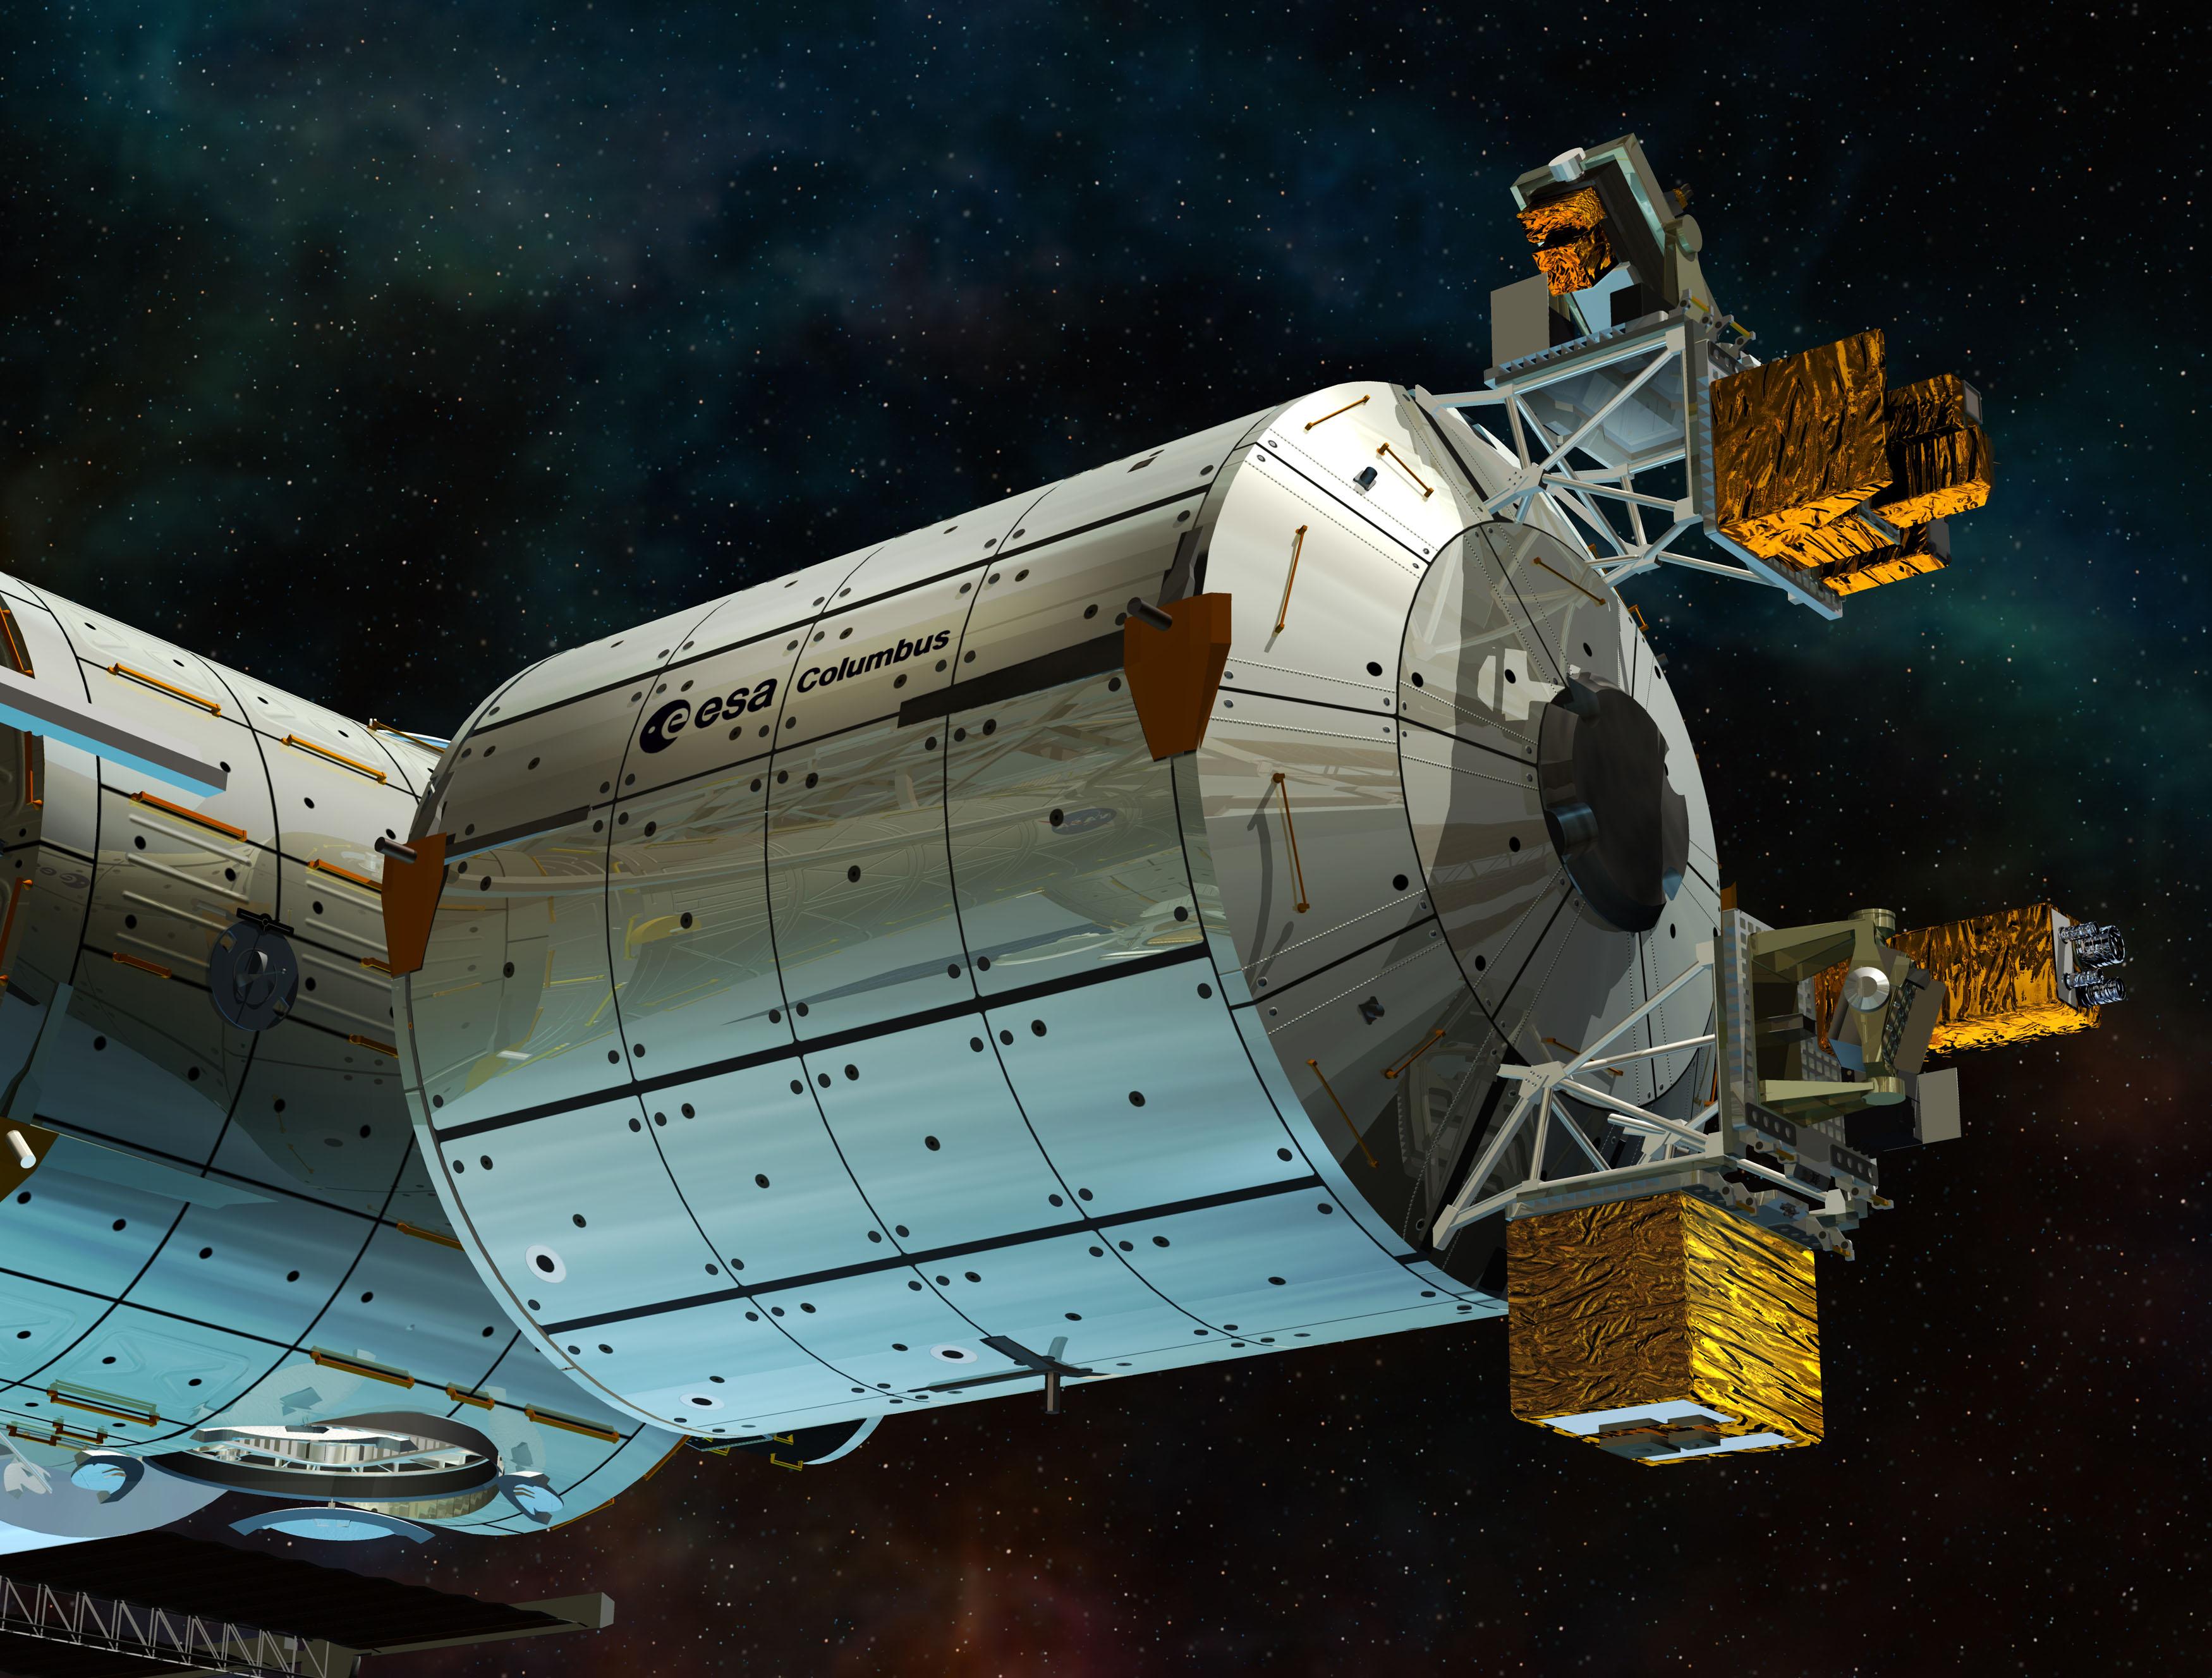 Orologi atomici sulla base ISS per studiare la gravità